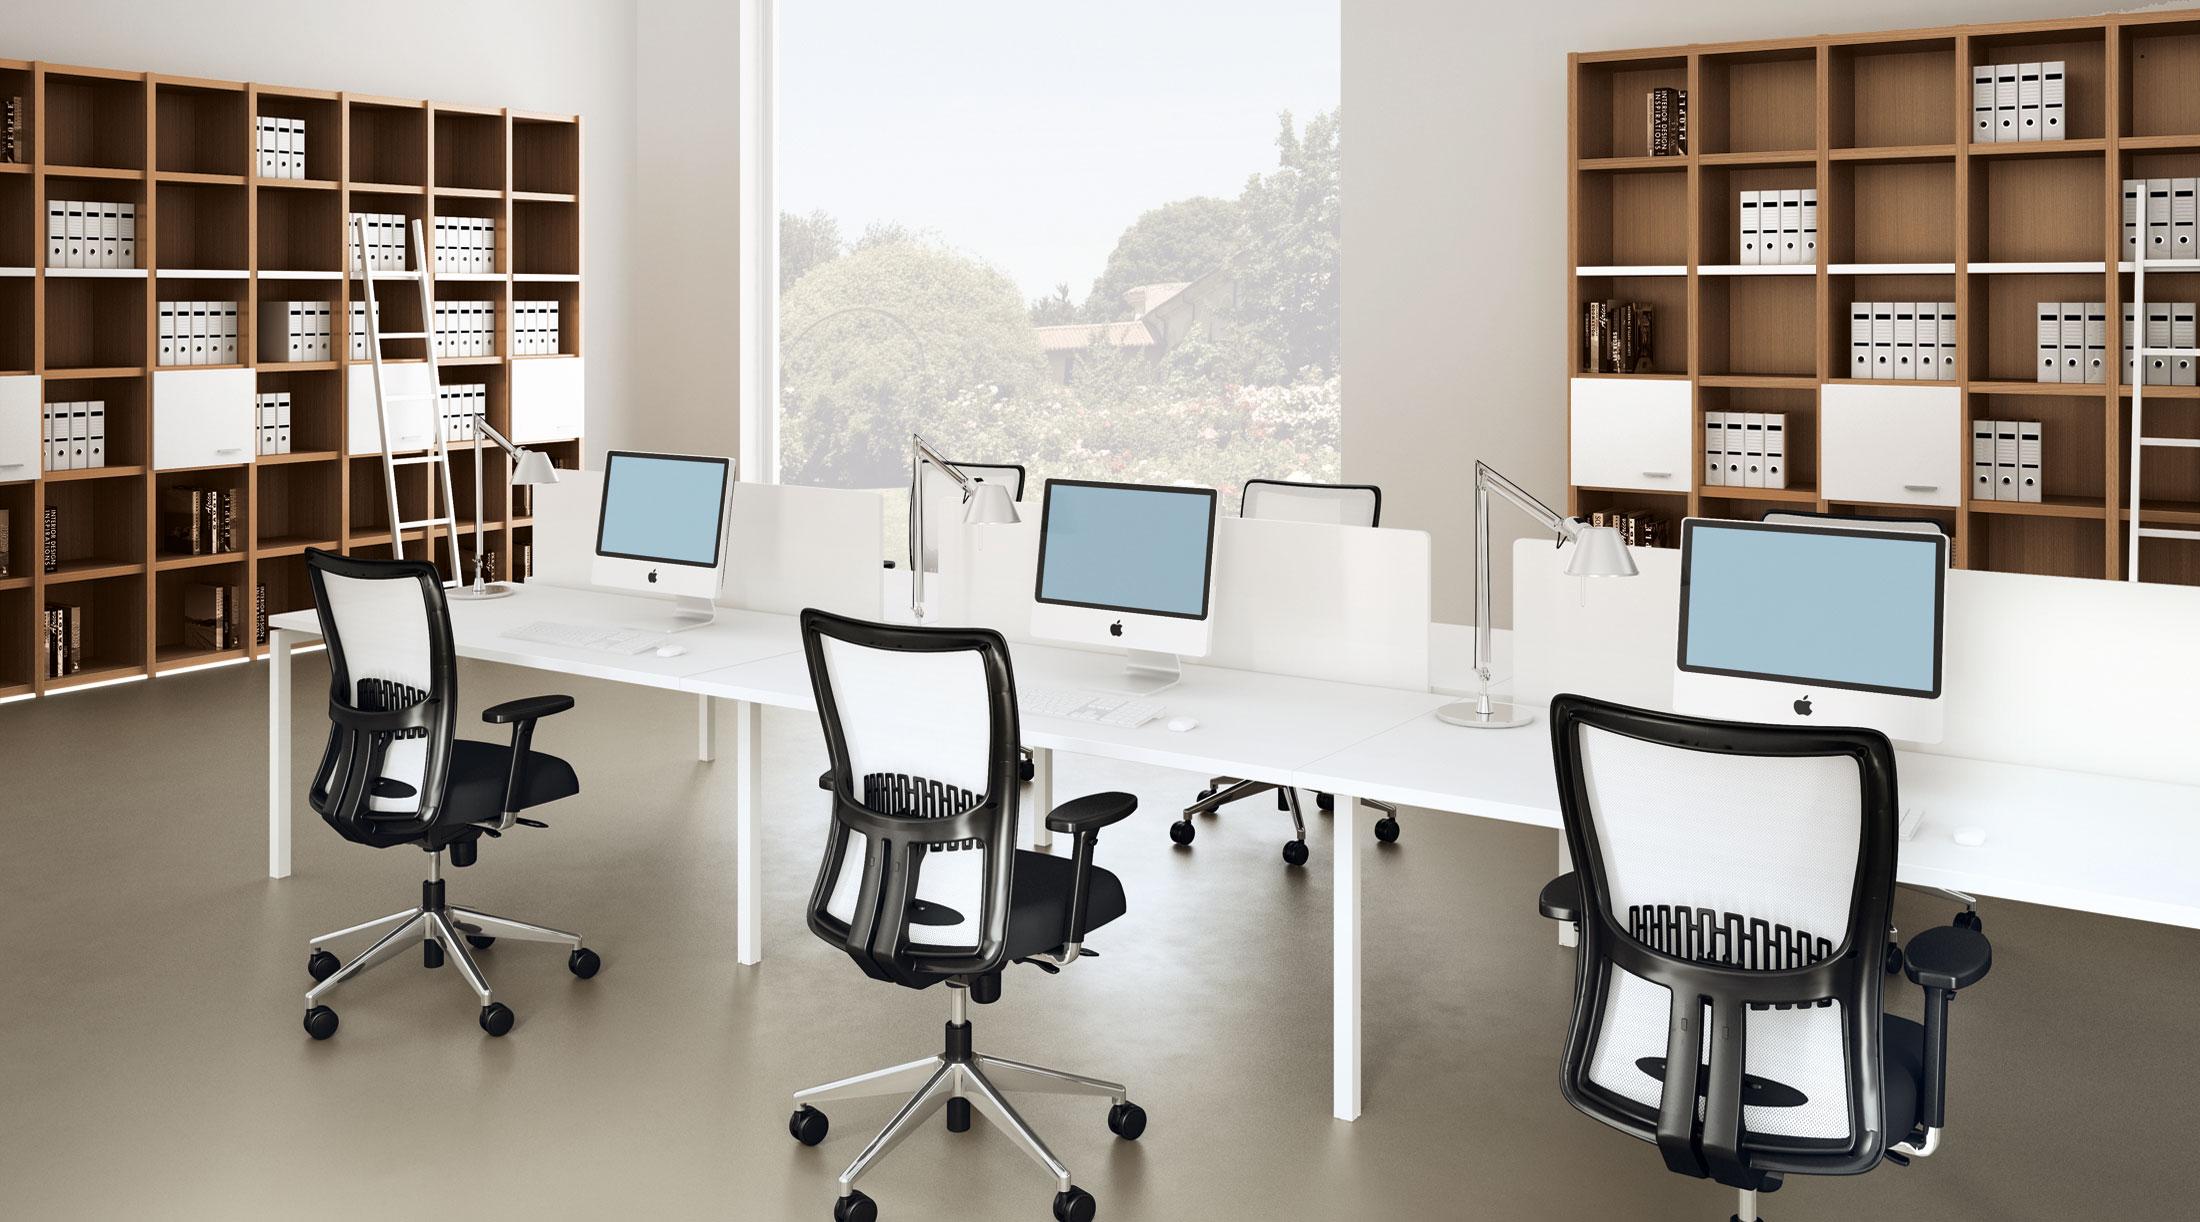 5 Office Design Ideas